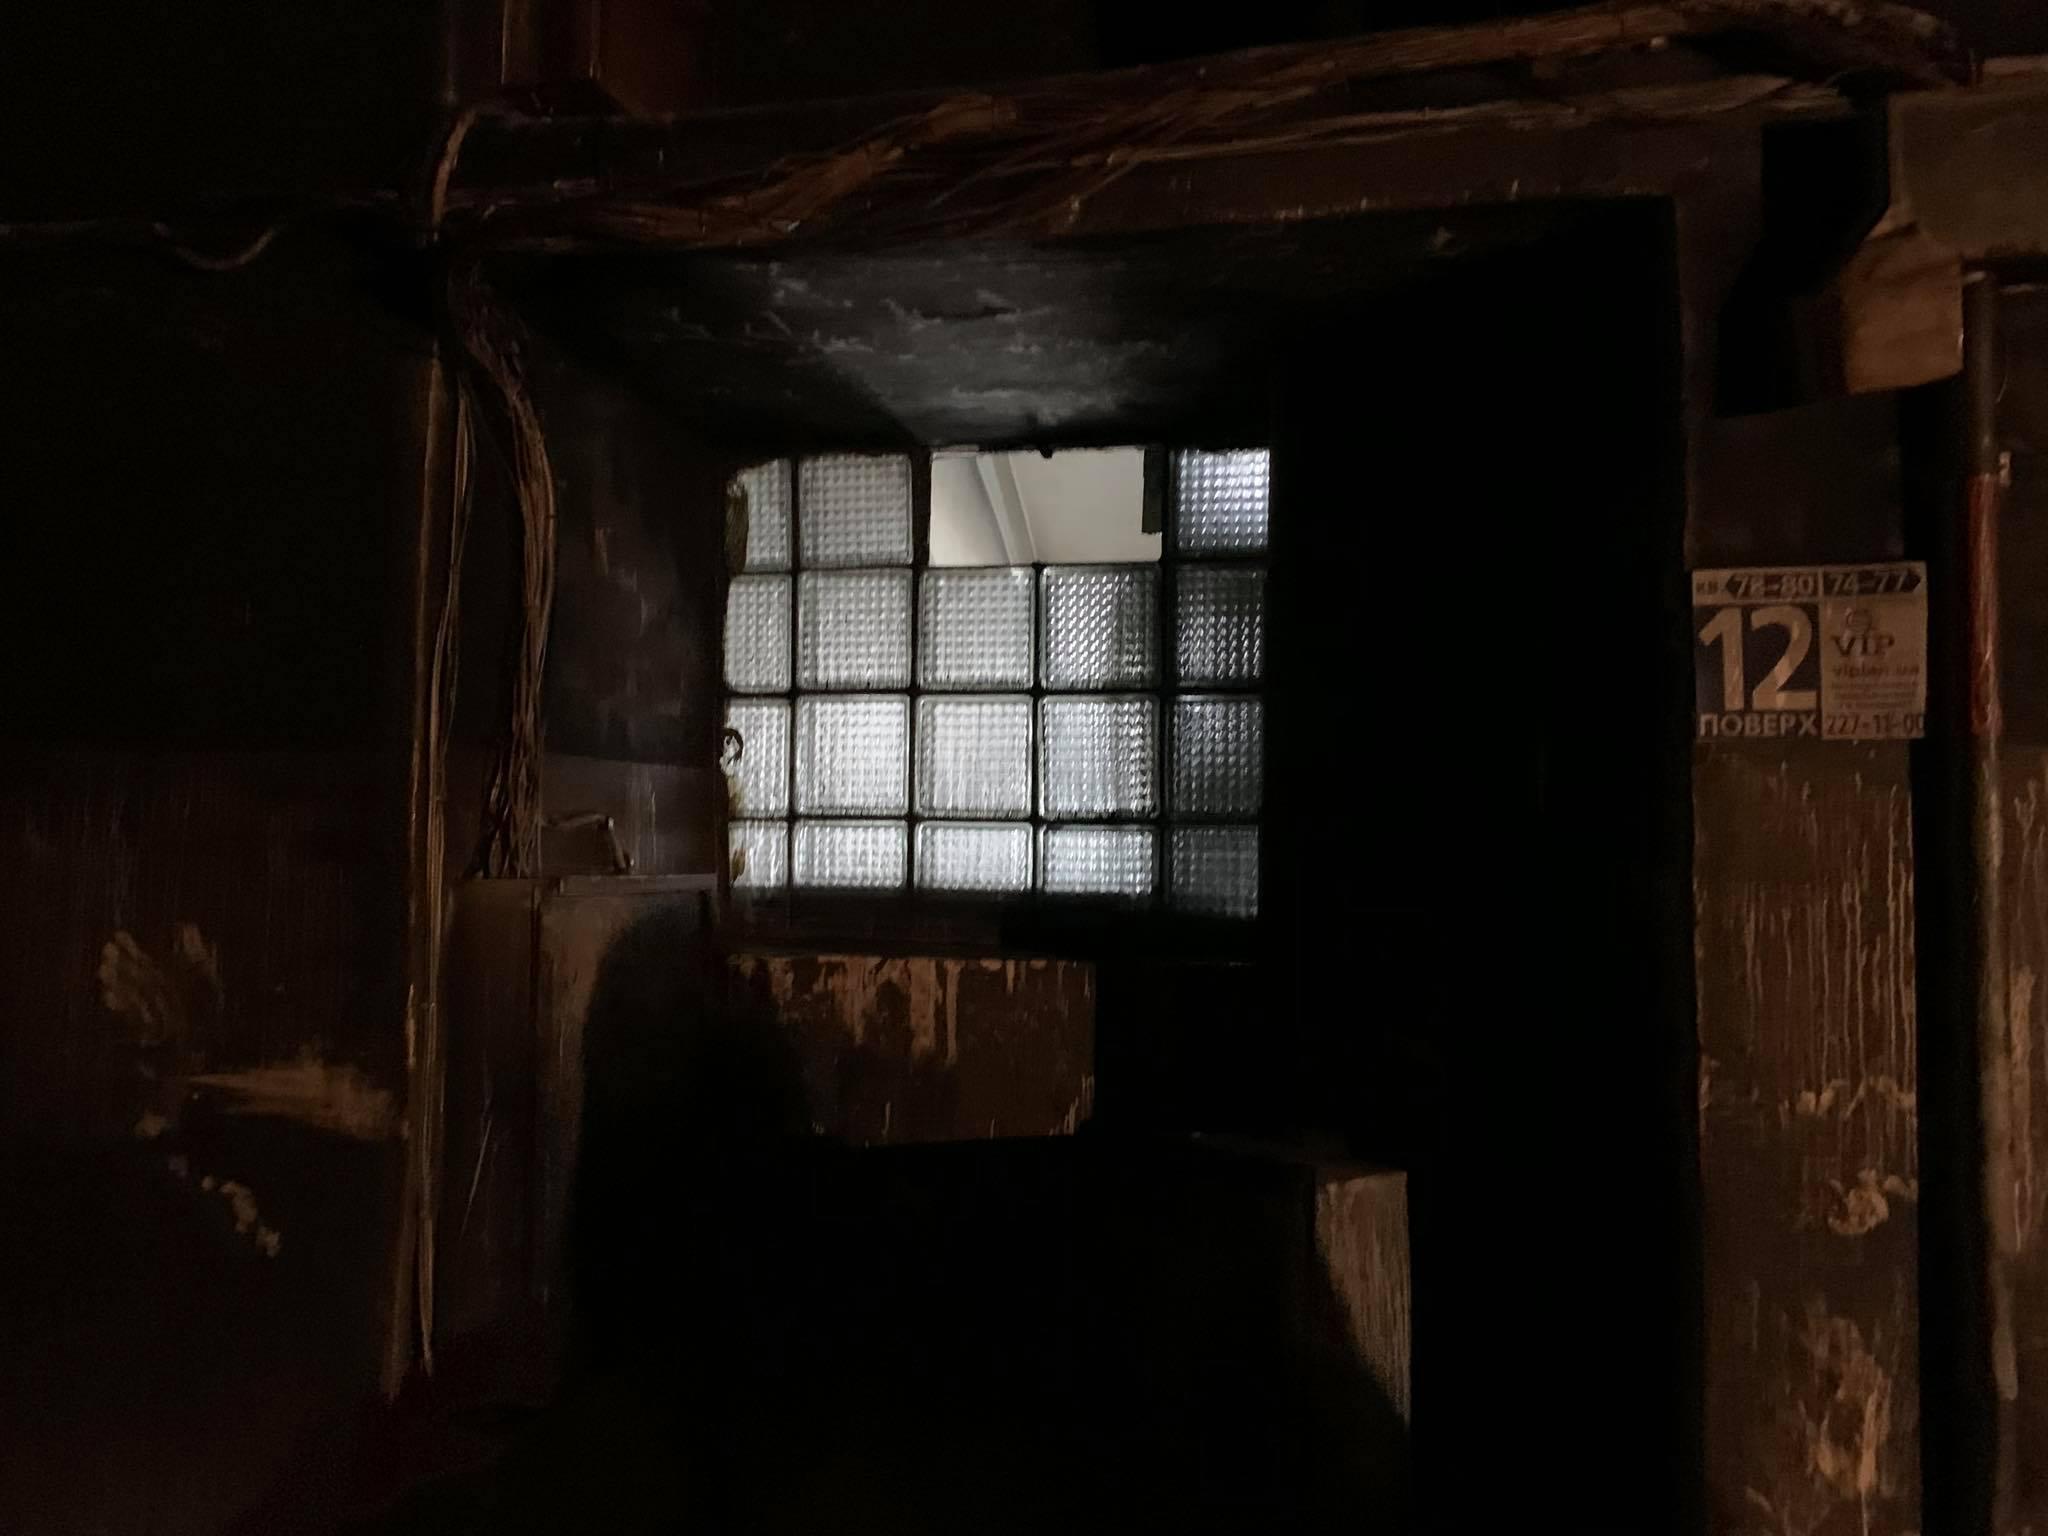 У київській багатоповерхівці згорів заживо чоловік - ФОТО - фото 4